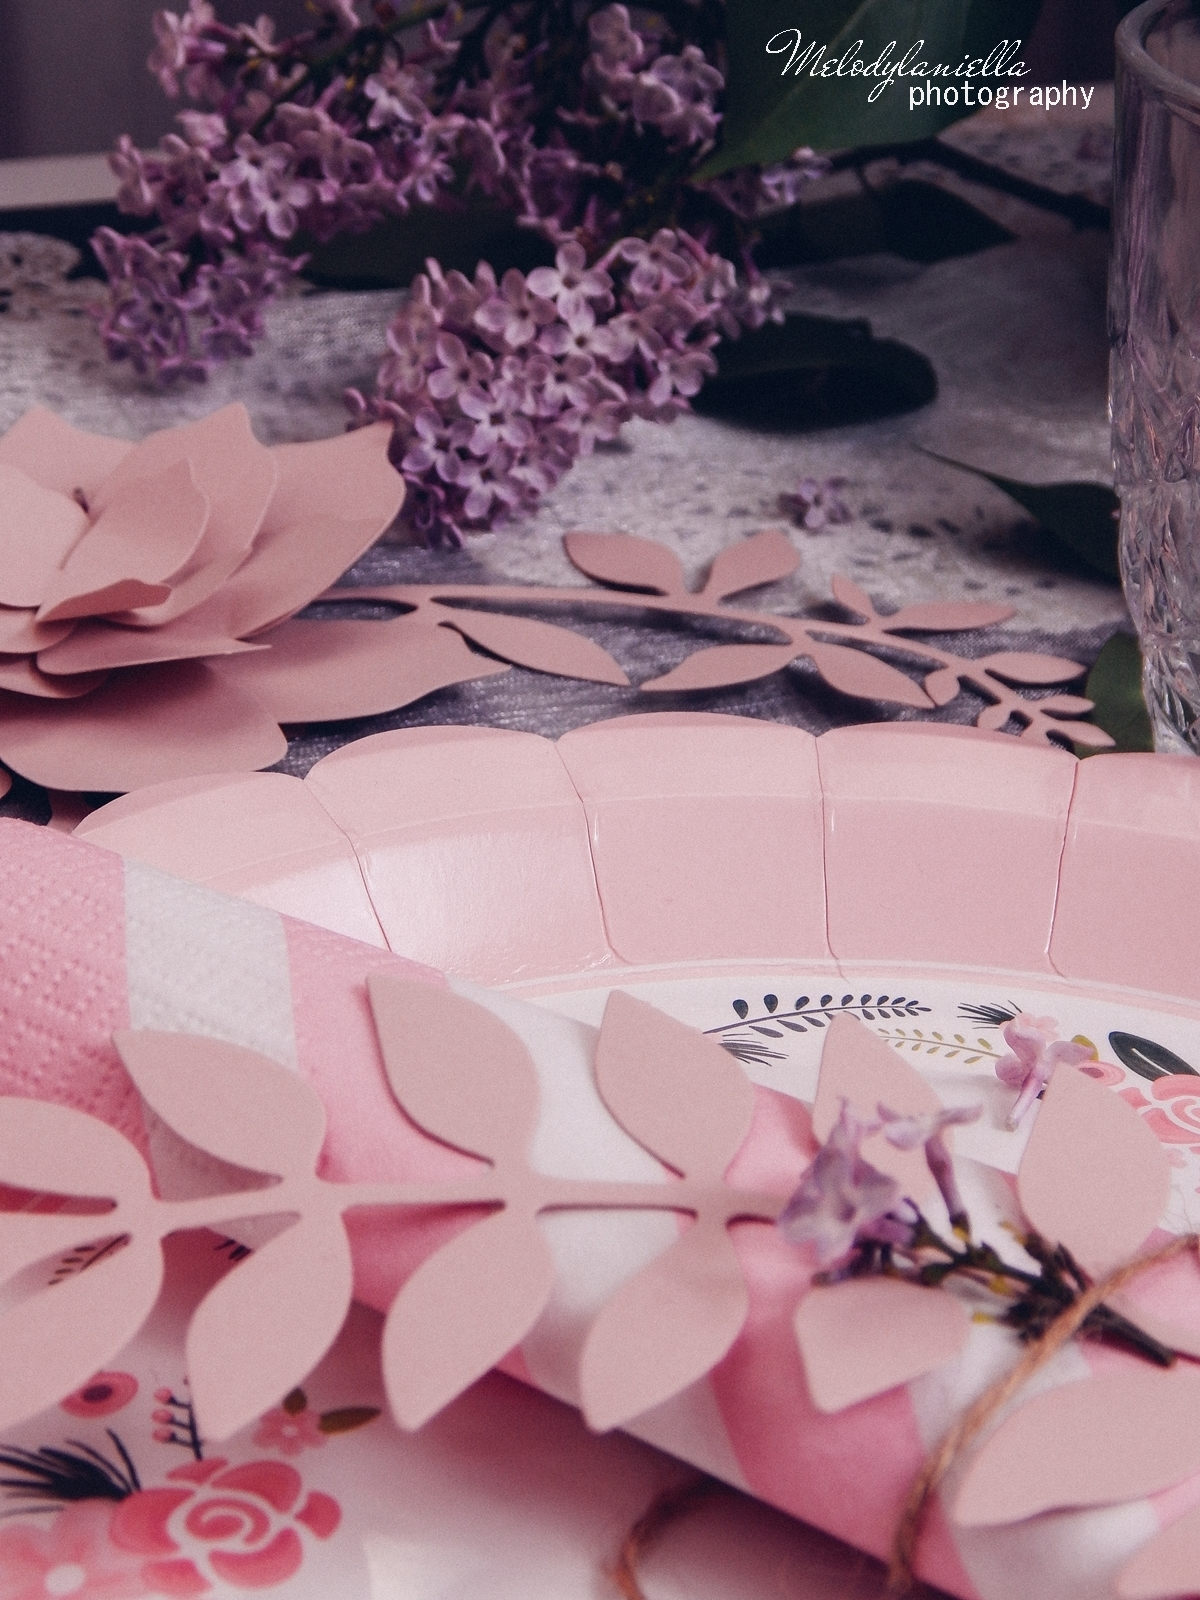 14 partybox.pl imprezu urodziny stroje dodatki na imprezę dekoracje nakrycia akcesoria imprezowe jak udekorować stół na dzień mamy pomysły na dzień matki jak składać serwetki